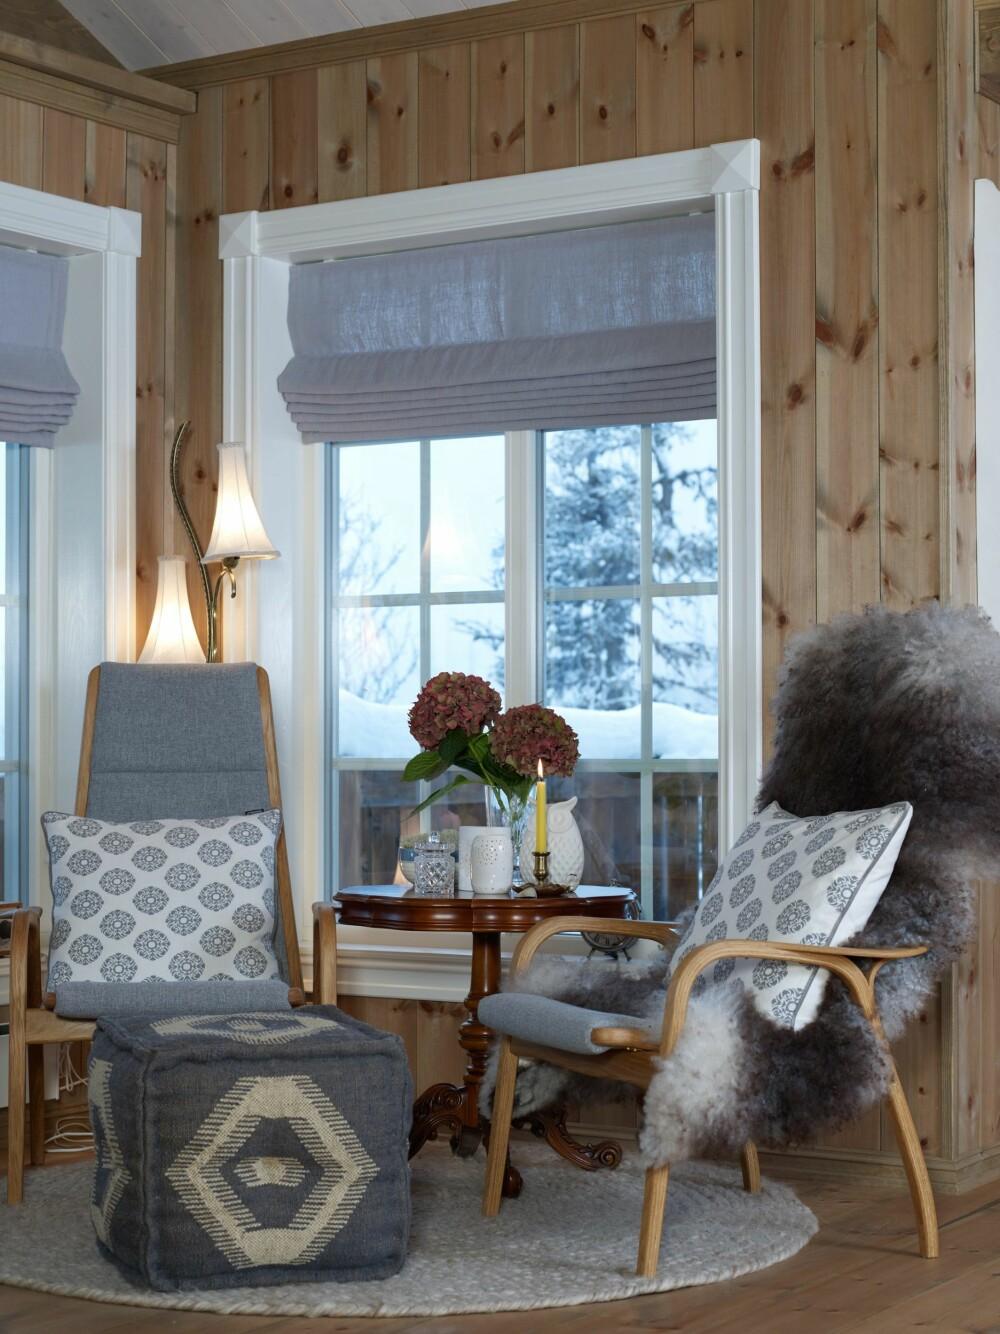 FAVORITTSTED: Lesekroken ved vinduet er Sarahs favorittplass. Den er møblert med to av de stilrene stolene Lamino fra Swedese, design Yngve Ekstrøm, trukket i et grått ullstoff. Bak dem står en særegen lampe, som er arvet etter Sarahs mormor. Puffen er kjøpt på Kremmerhuset, gulvteppe og gardinstoff er fra Home & Cottage. De mange skinnfellene i hytta er kjøpt på Oppland Bygg og Anleggs interiørutsalg. Det runde søylebordet er arvet.  (FOTO: Inger Mette Meling Kostveit)